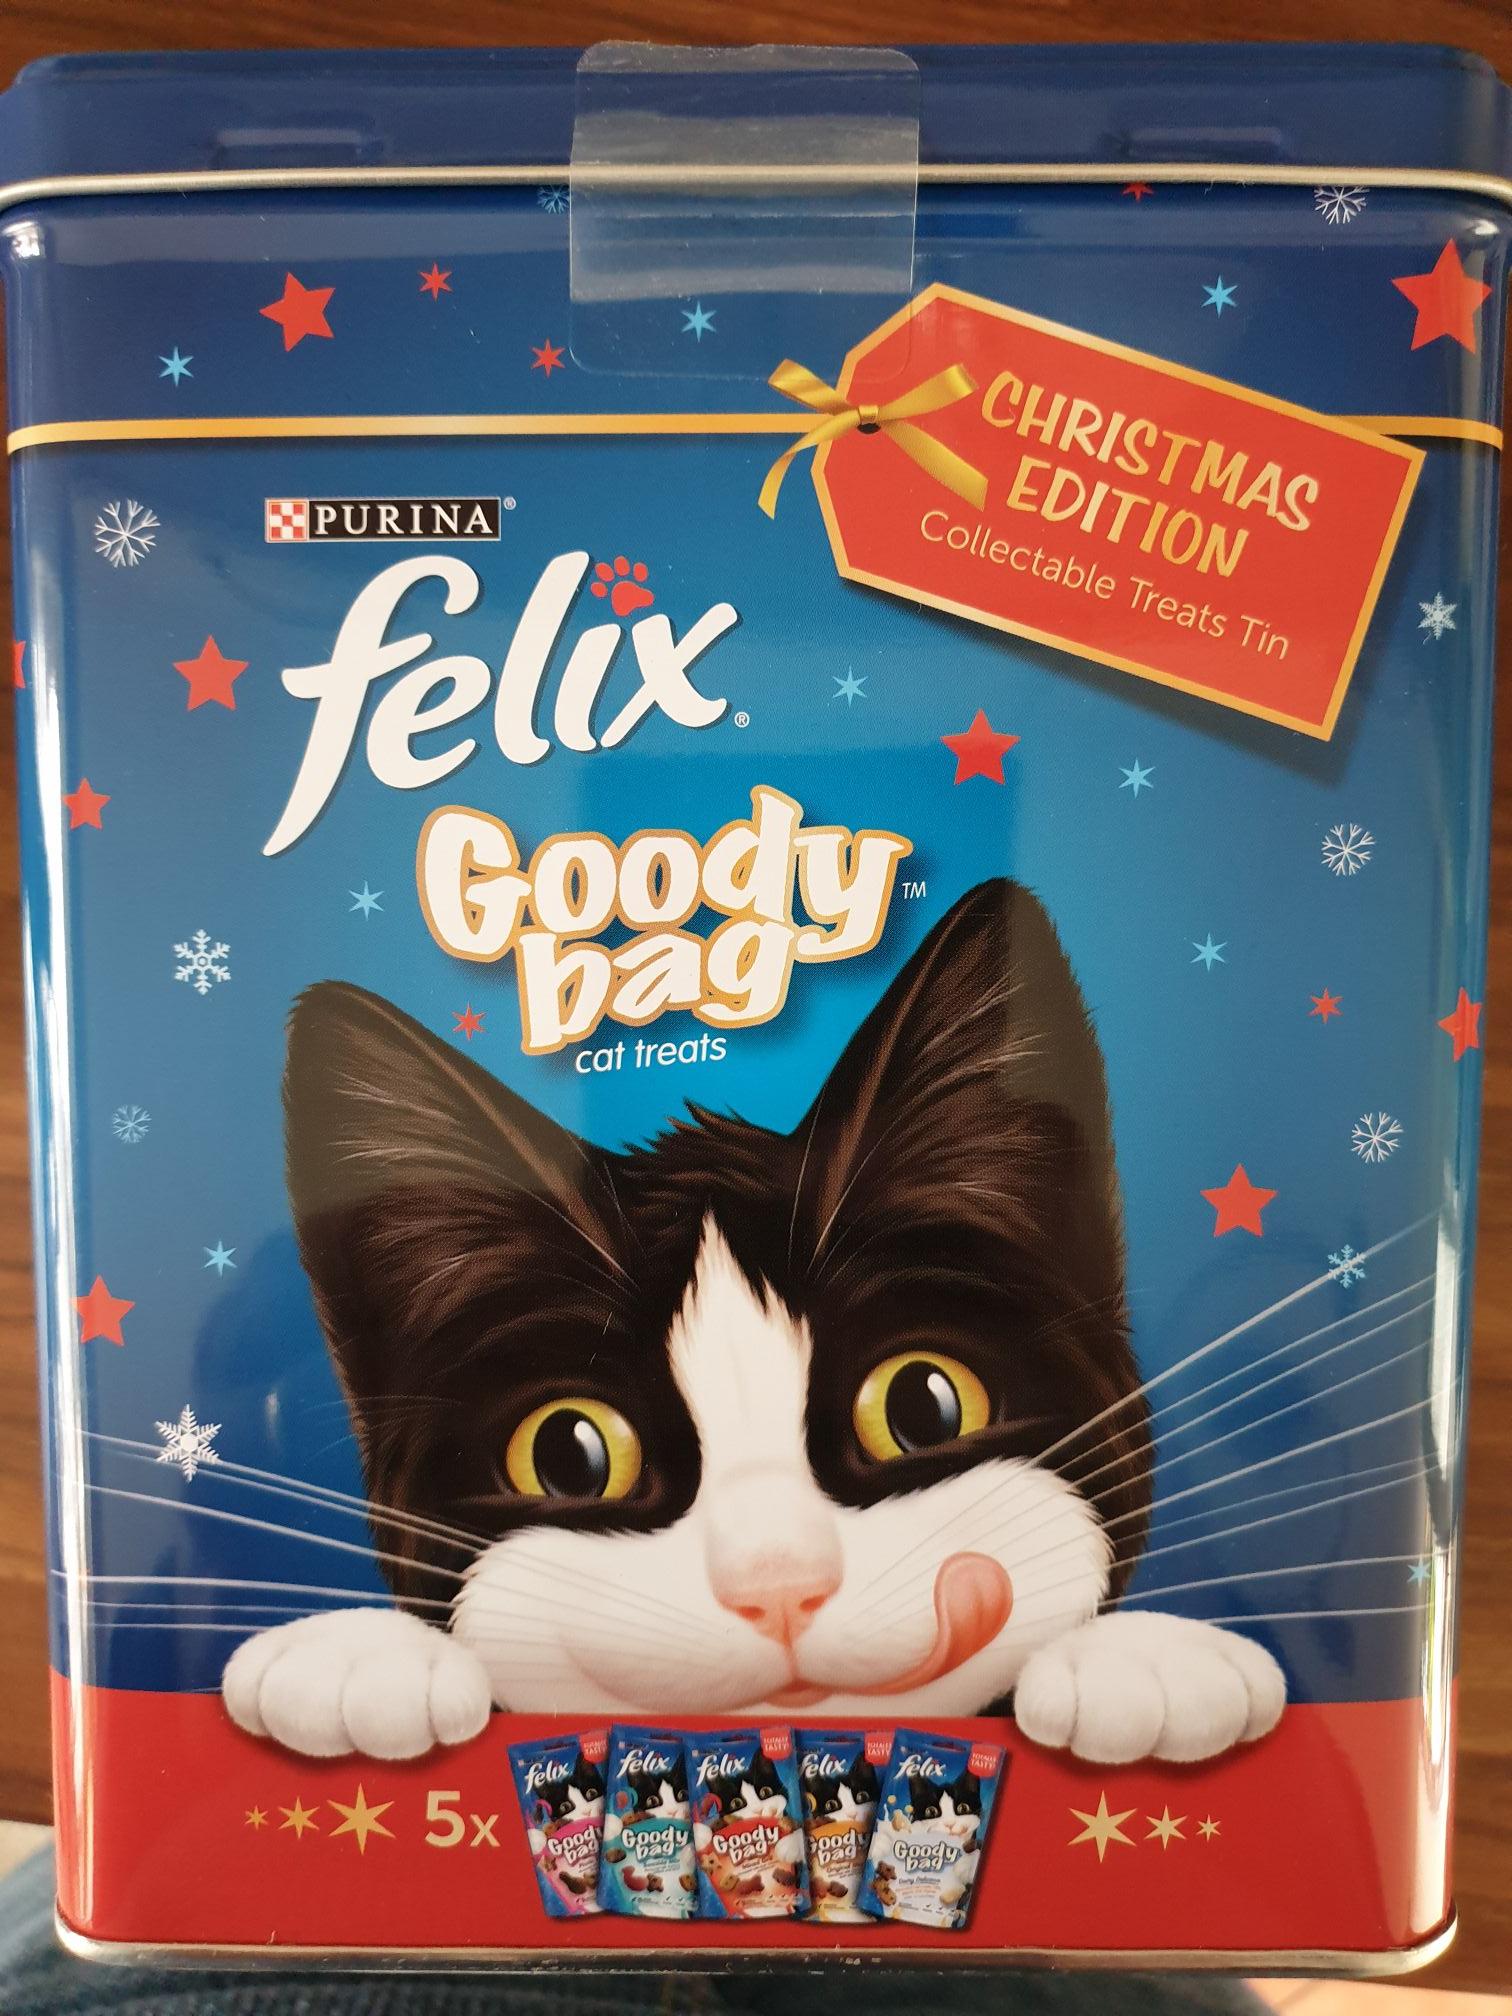 Felix goody bag Xmas tin 300g 69p @ Tesco (Swansea)